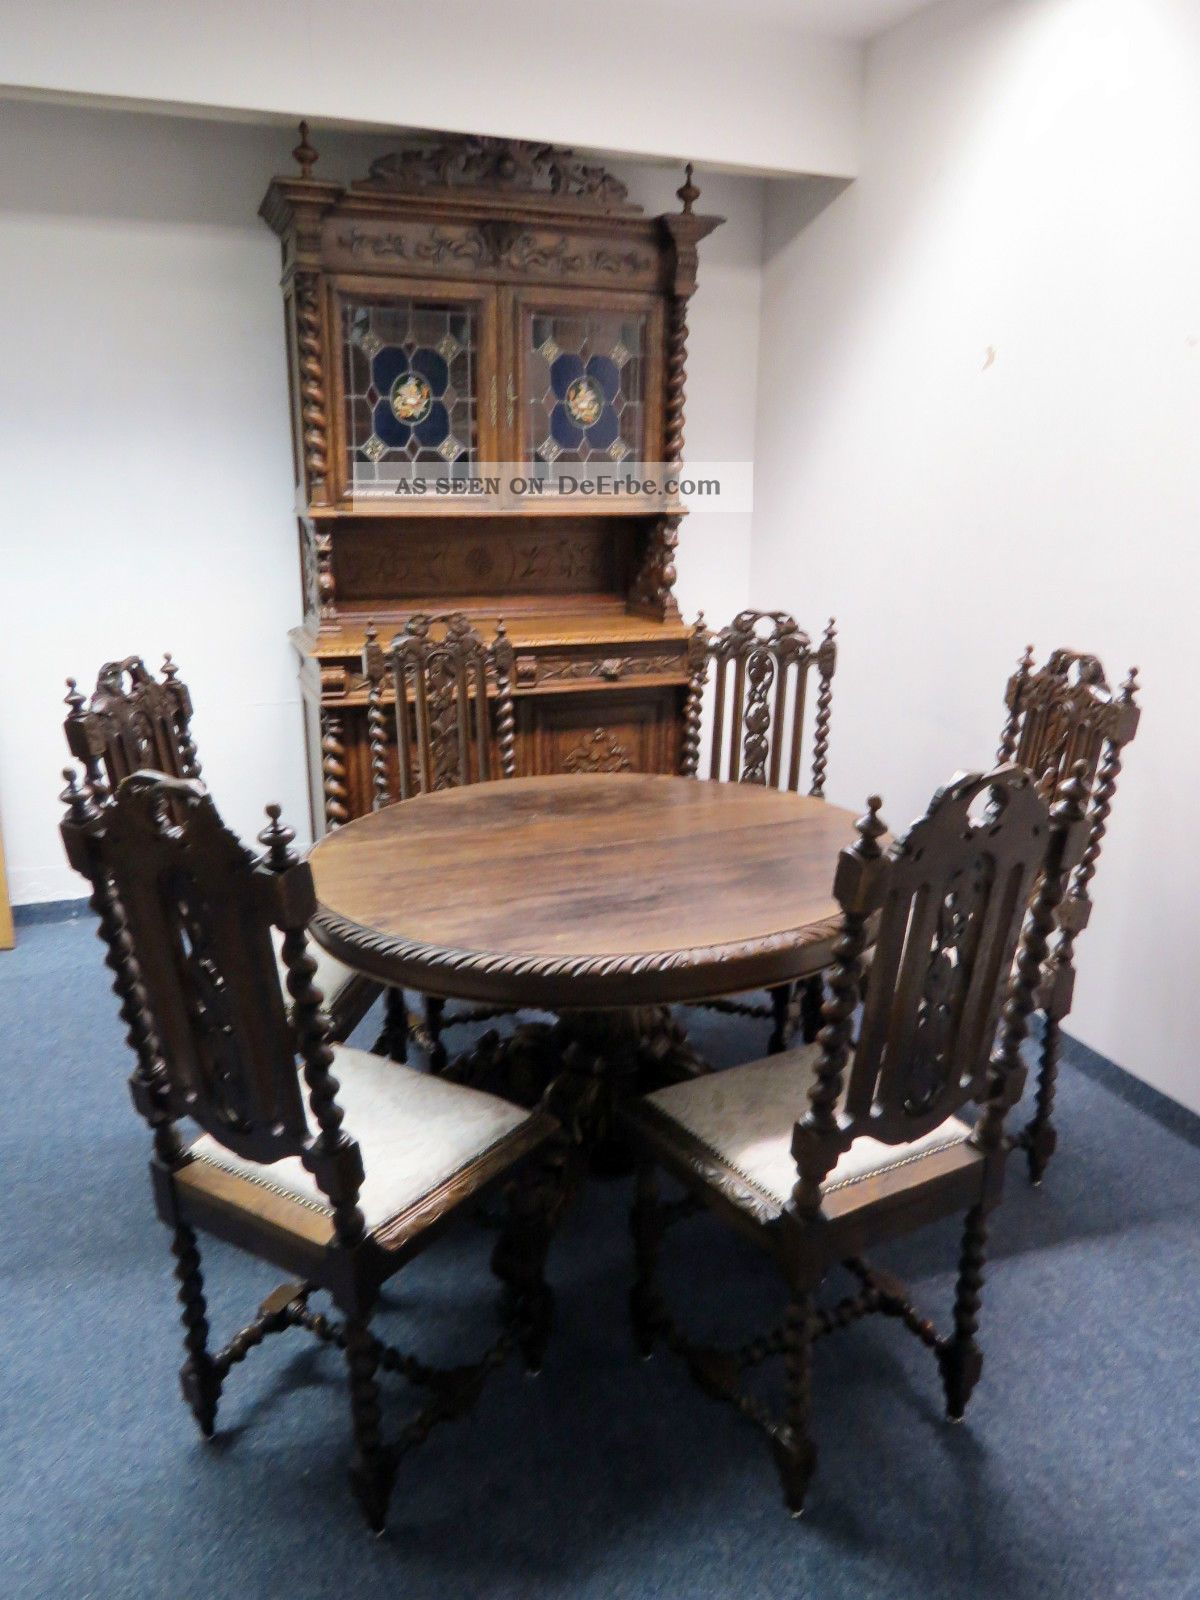 AuBergewohnlich Esszimmer 1880 Louis Xiii Stil Eiche Aufsatz   Buffet Tisch 6 X Stuhl  Bleiglas